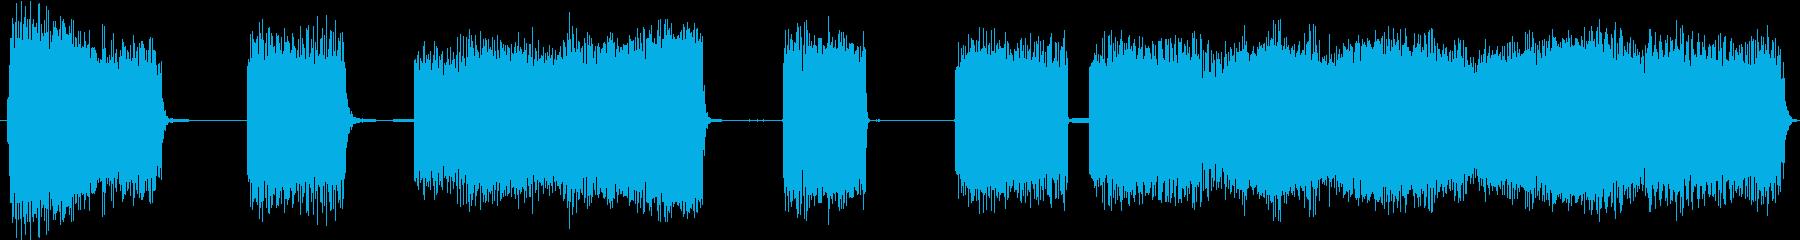 急速なトーンバーストの再生済みの波形